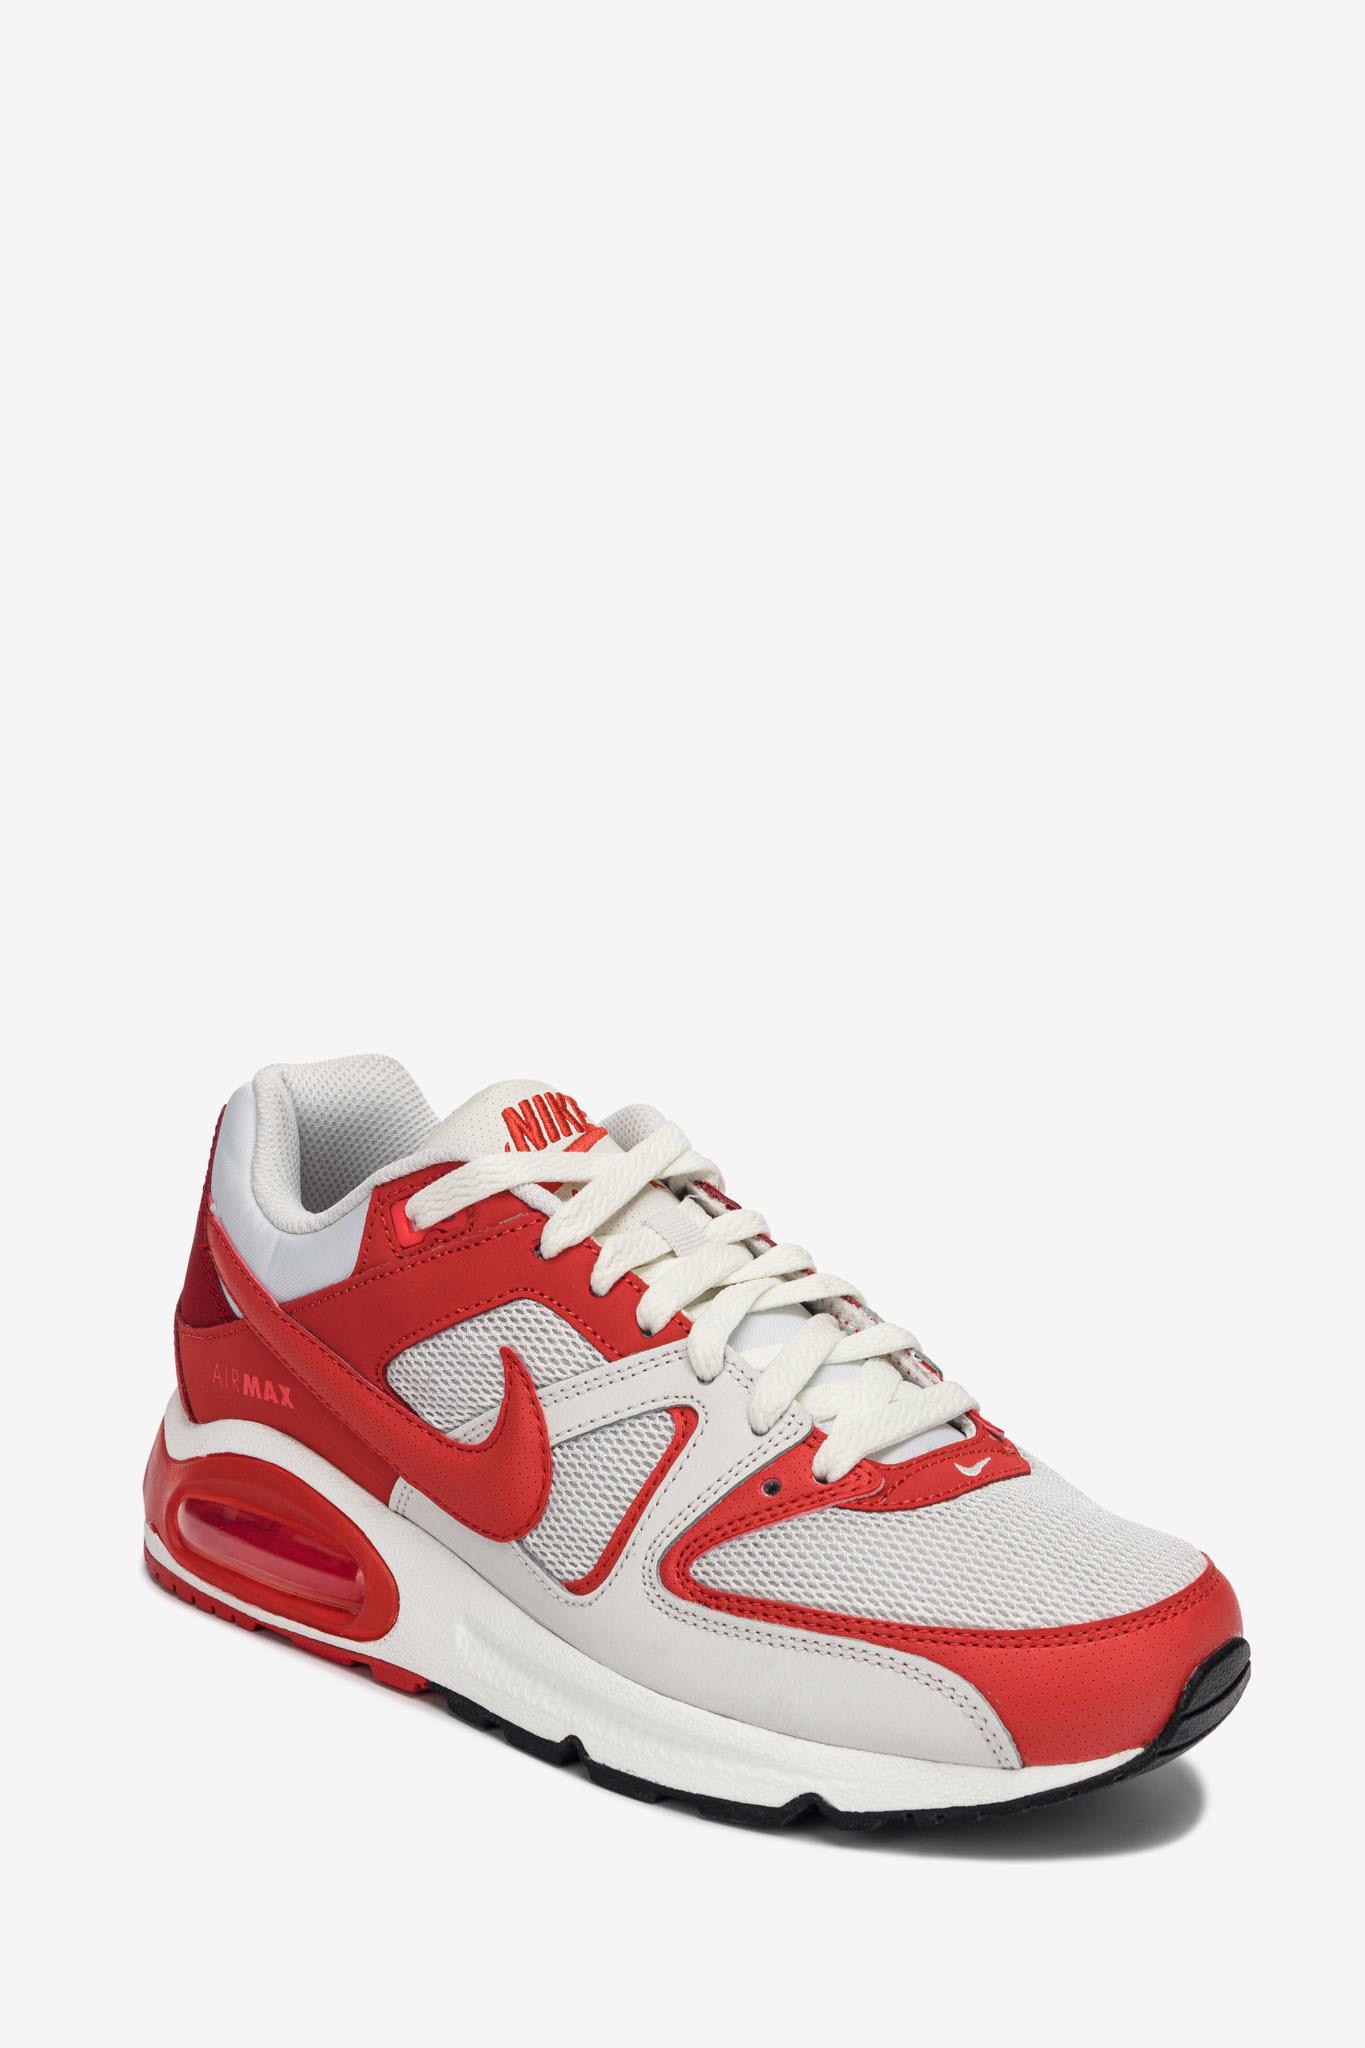 Nike | Кроссовки | Красная кожа